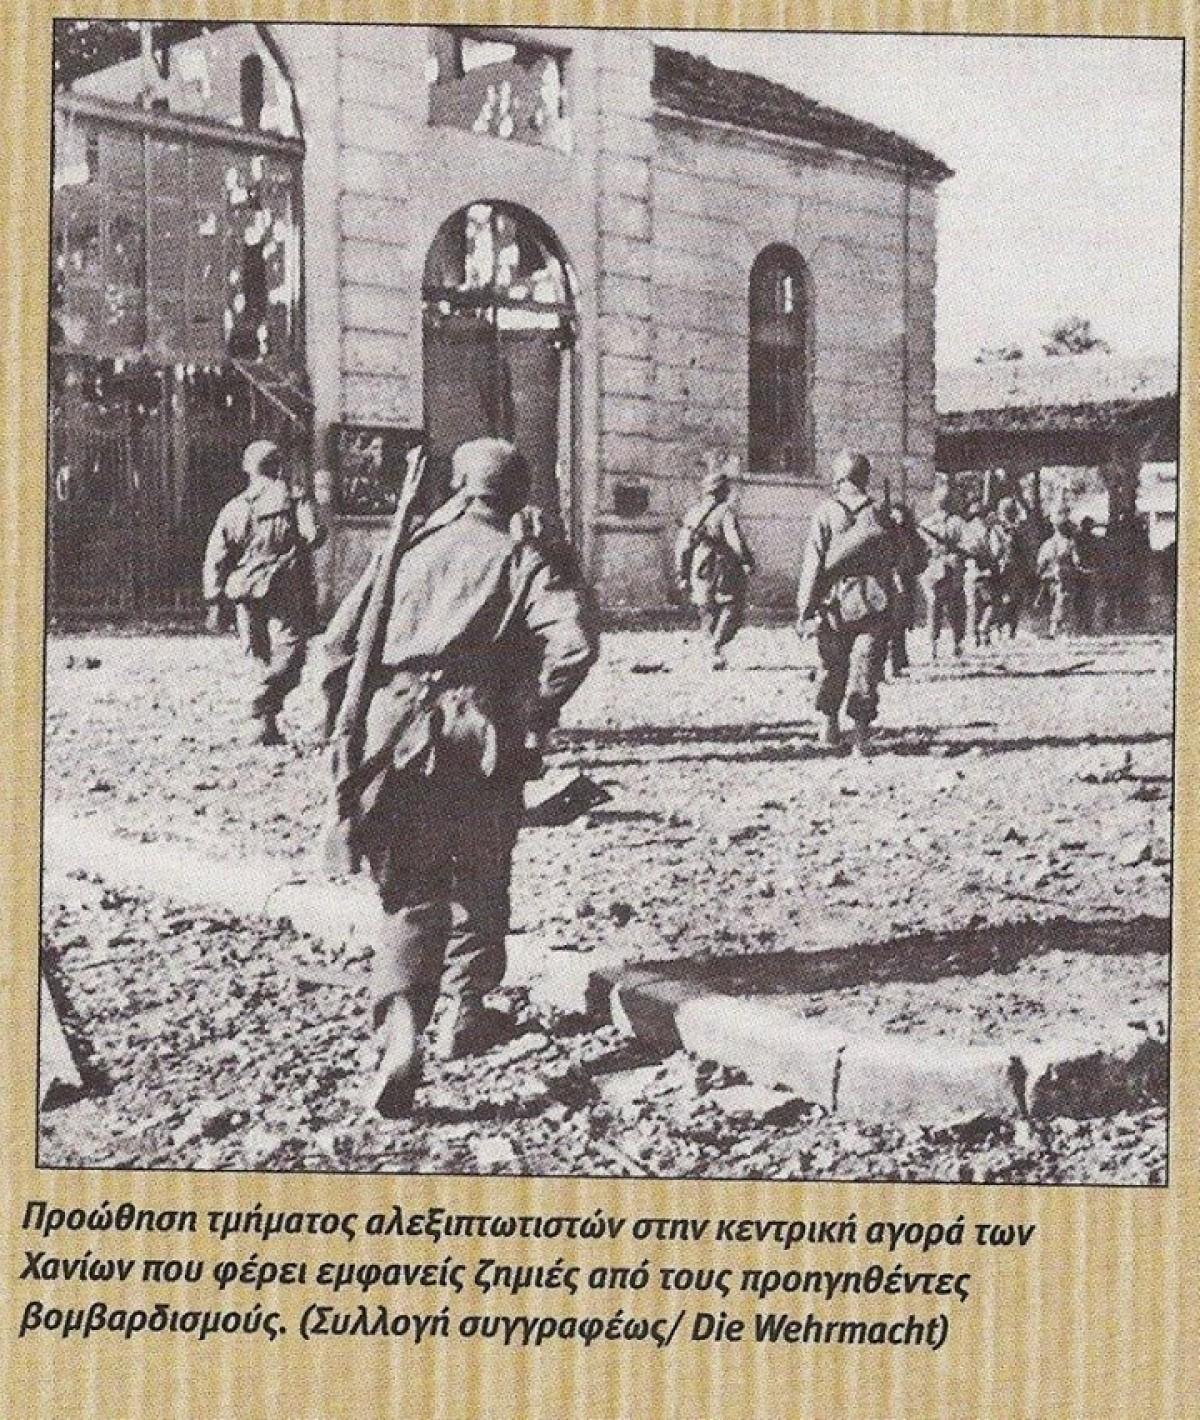 1941-Χανιά-Γερμανοί-αλεξιπτωτιστές-βαδίζουν-προς-την-αγορά-που-φαίνεται-σοβαρά-τραυματισμένη-από-τους-βομβαρδισμούς